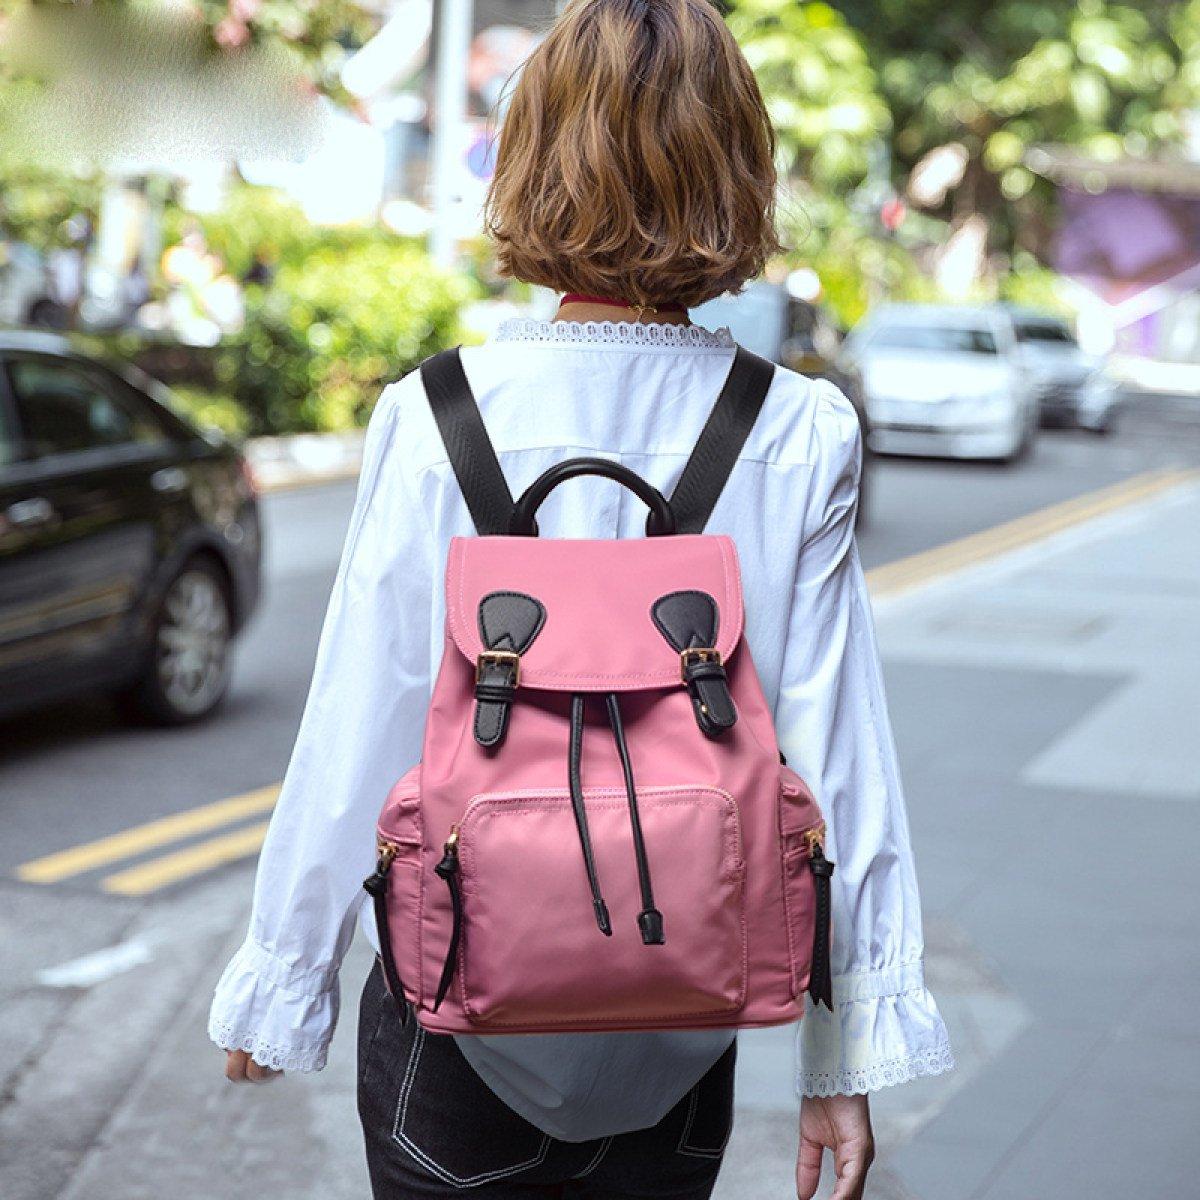 LAIDAYE Umhängetasche Damen Große Kapazität Paket Oxford Tuch Buch Tasche Tasche Tasche Mama Tasche Mode Rucksack Handtaschen B0757HB6LC | Günstige Bestellung  | Speichern  | Sale Online Shop  1b1ab6